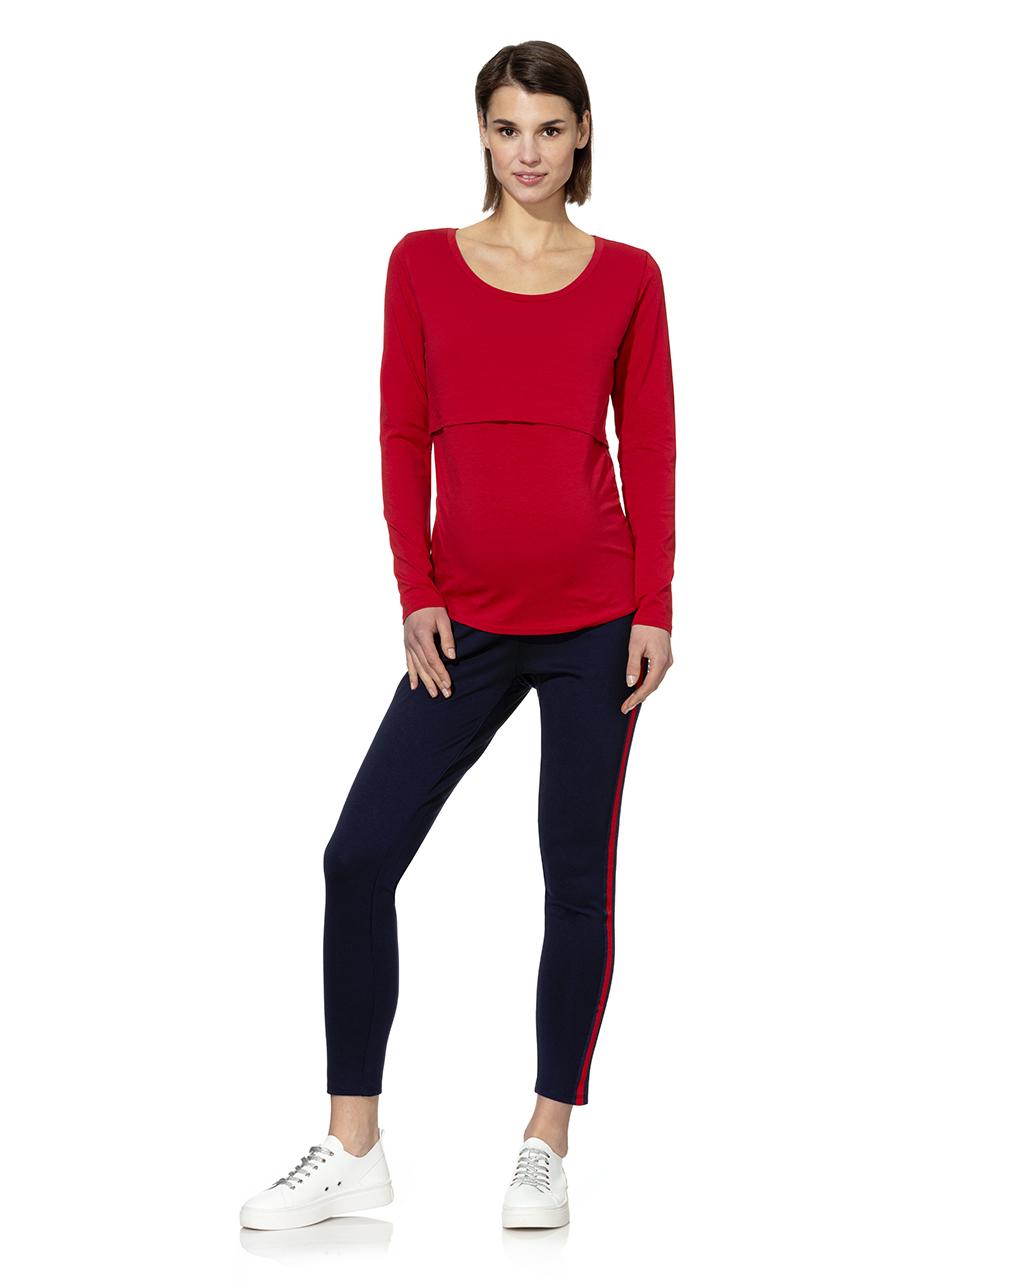 Γυναικεία Μπλούζα Θηλασμού Κόκκινη